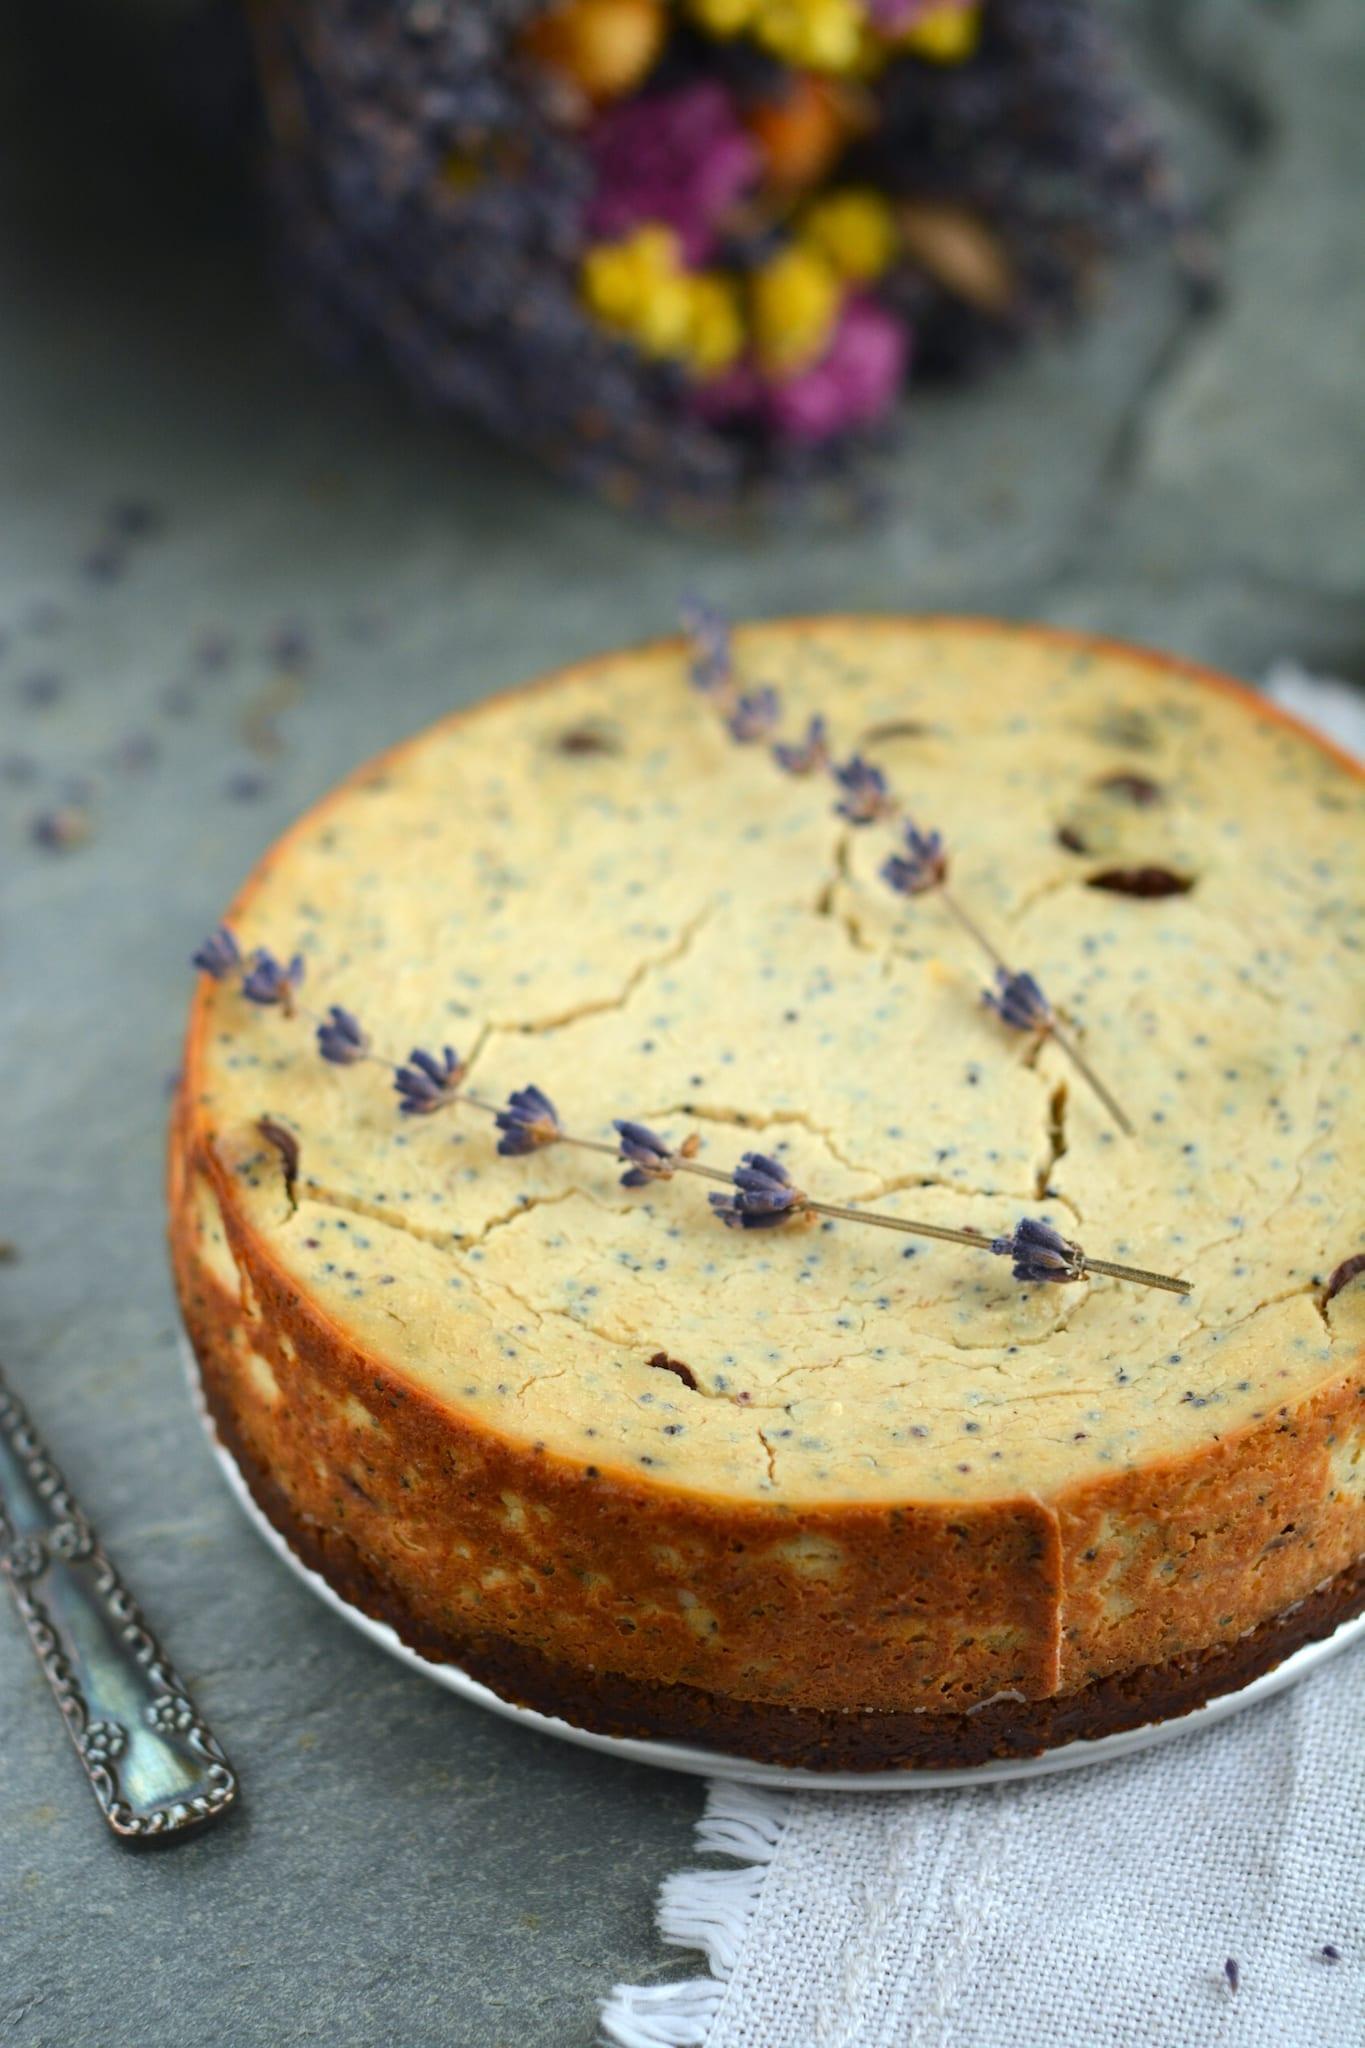 vegan-baked-cheesecake-tofu-chocolate-poppy-seeds